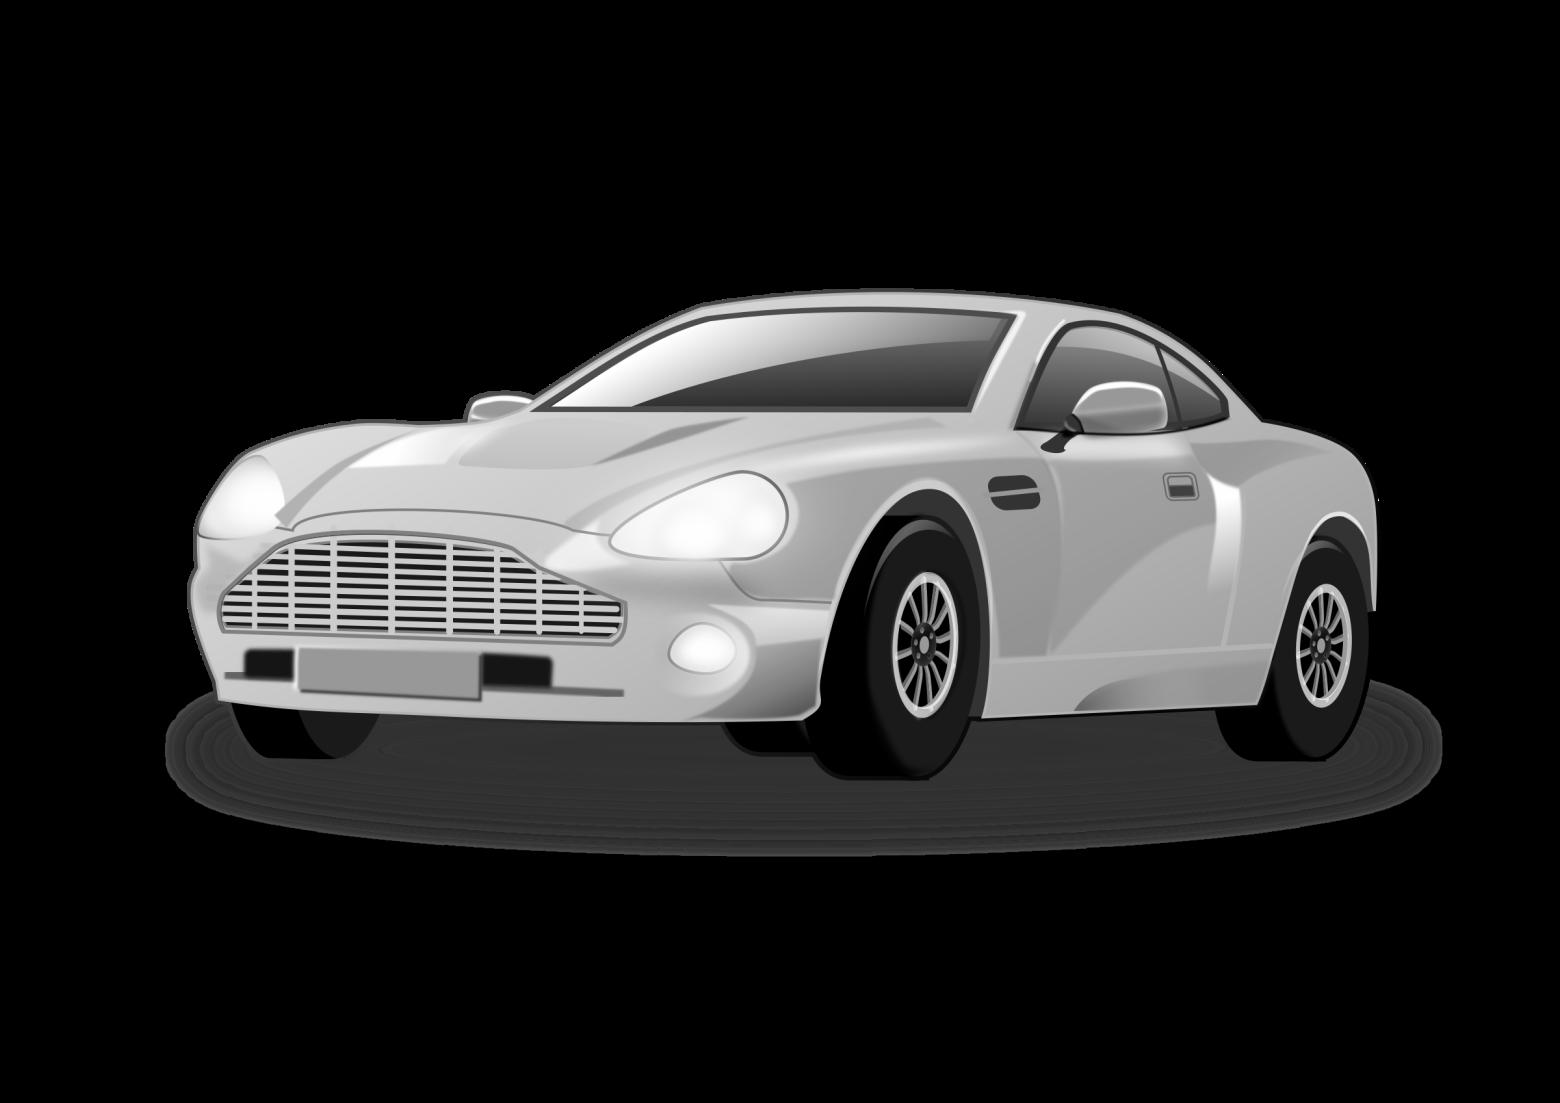 clipart voiture images gratuites libres de droits images. Black Bedroom Furniture Sets. Home Design Ideas